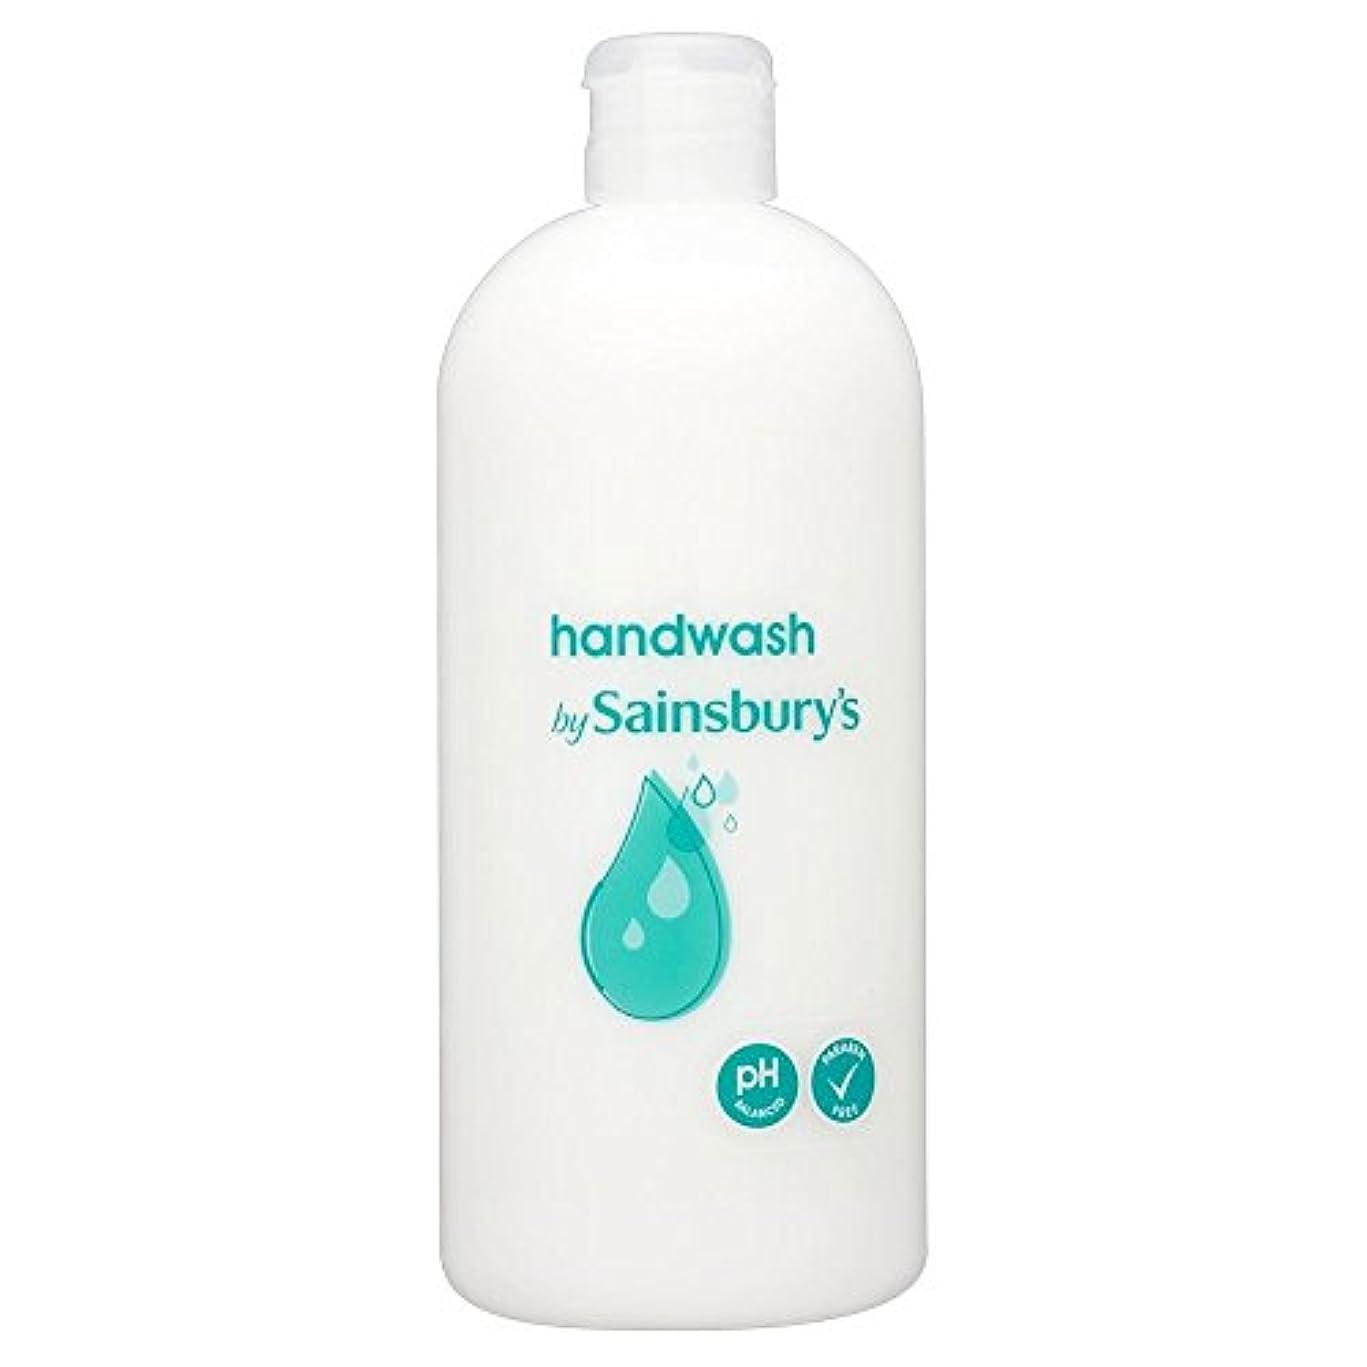 過激派ガイド無限大Sainsbury's Handwash, White Refill 500ml (Pack of 6) - (Sainsbury's) 手洗い、白リフィル500ミリリットル (x6) [並行輸入品]